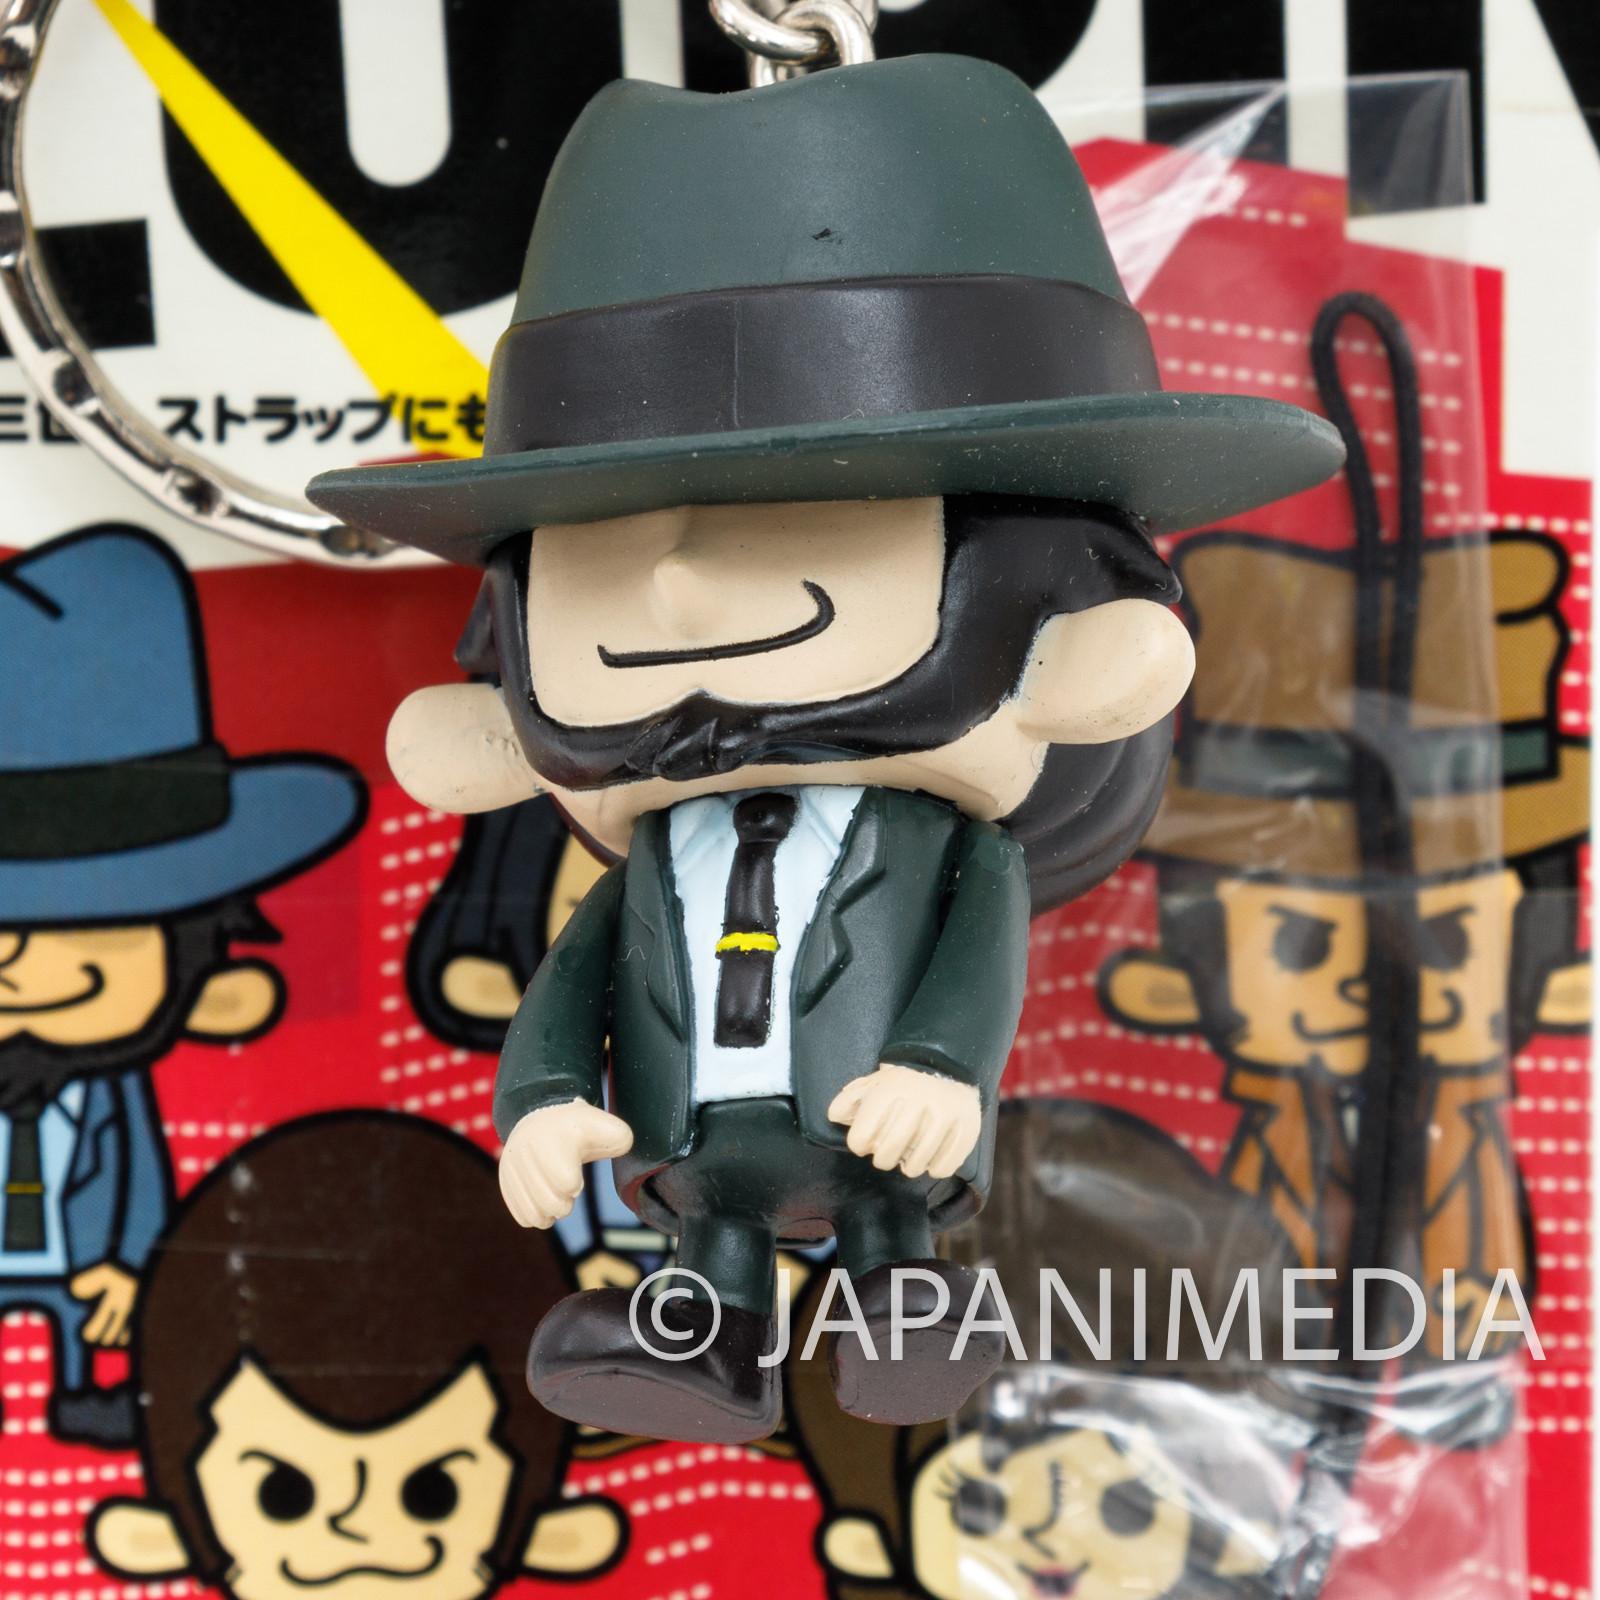 Lupin the 3rd x Panson Works Figure Keychain Jigen Daisuke Banpresto THIRD